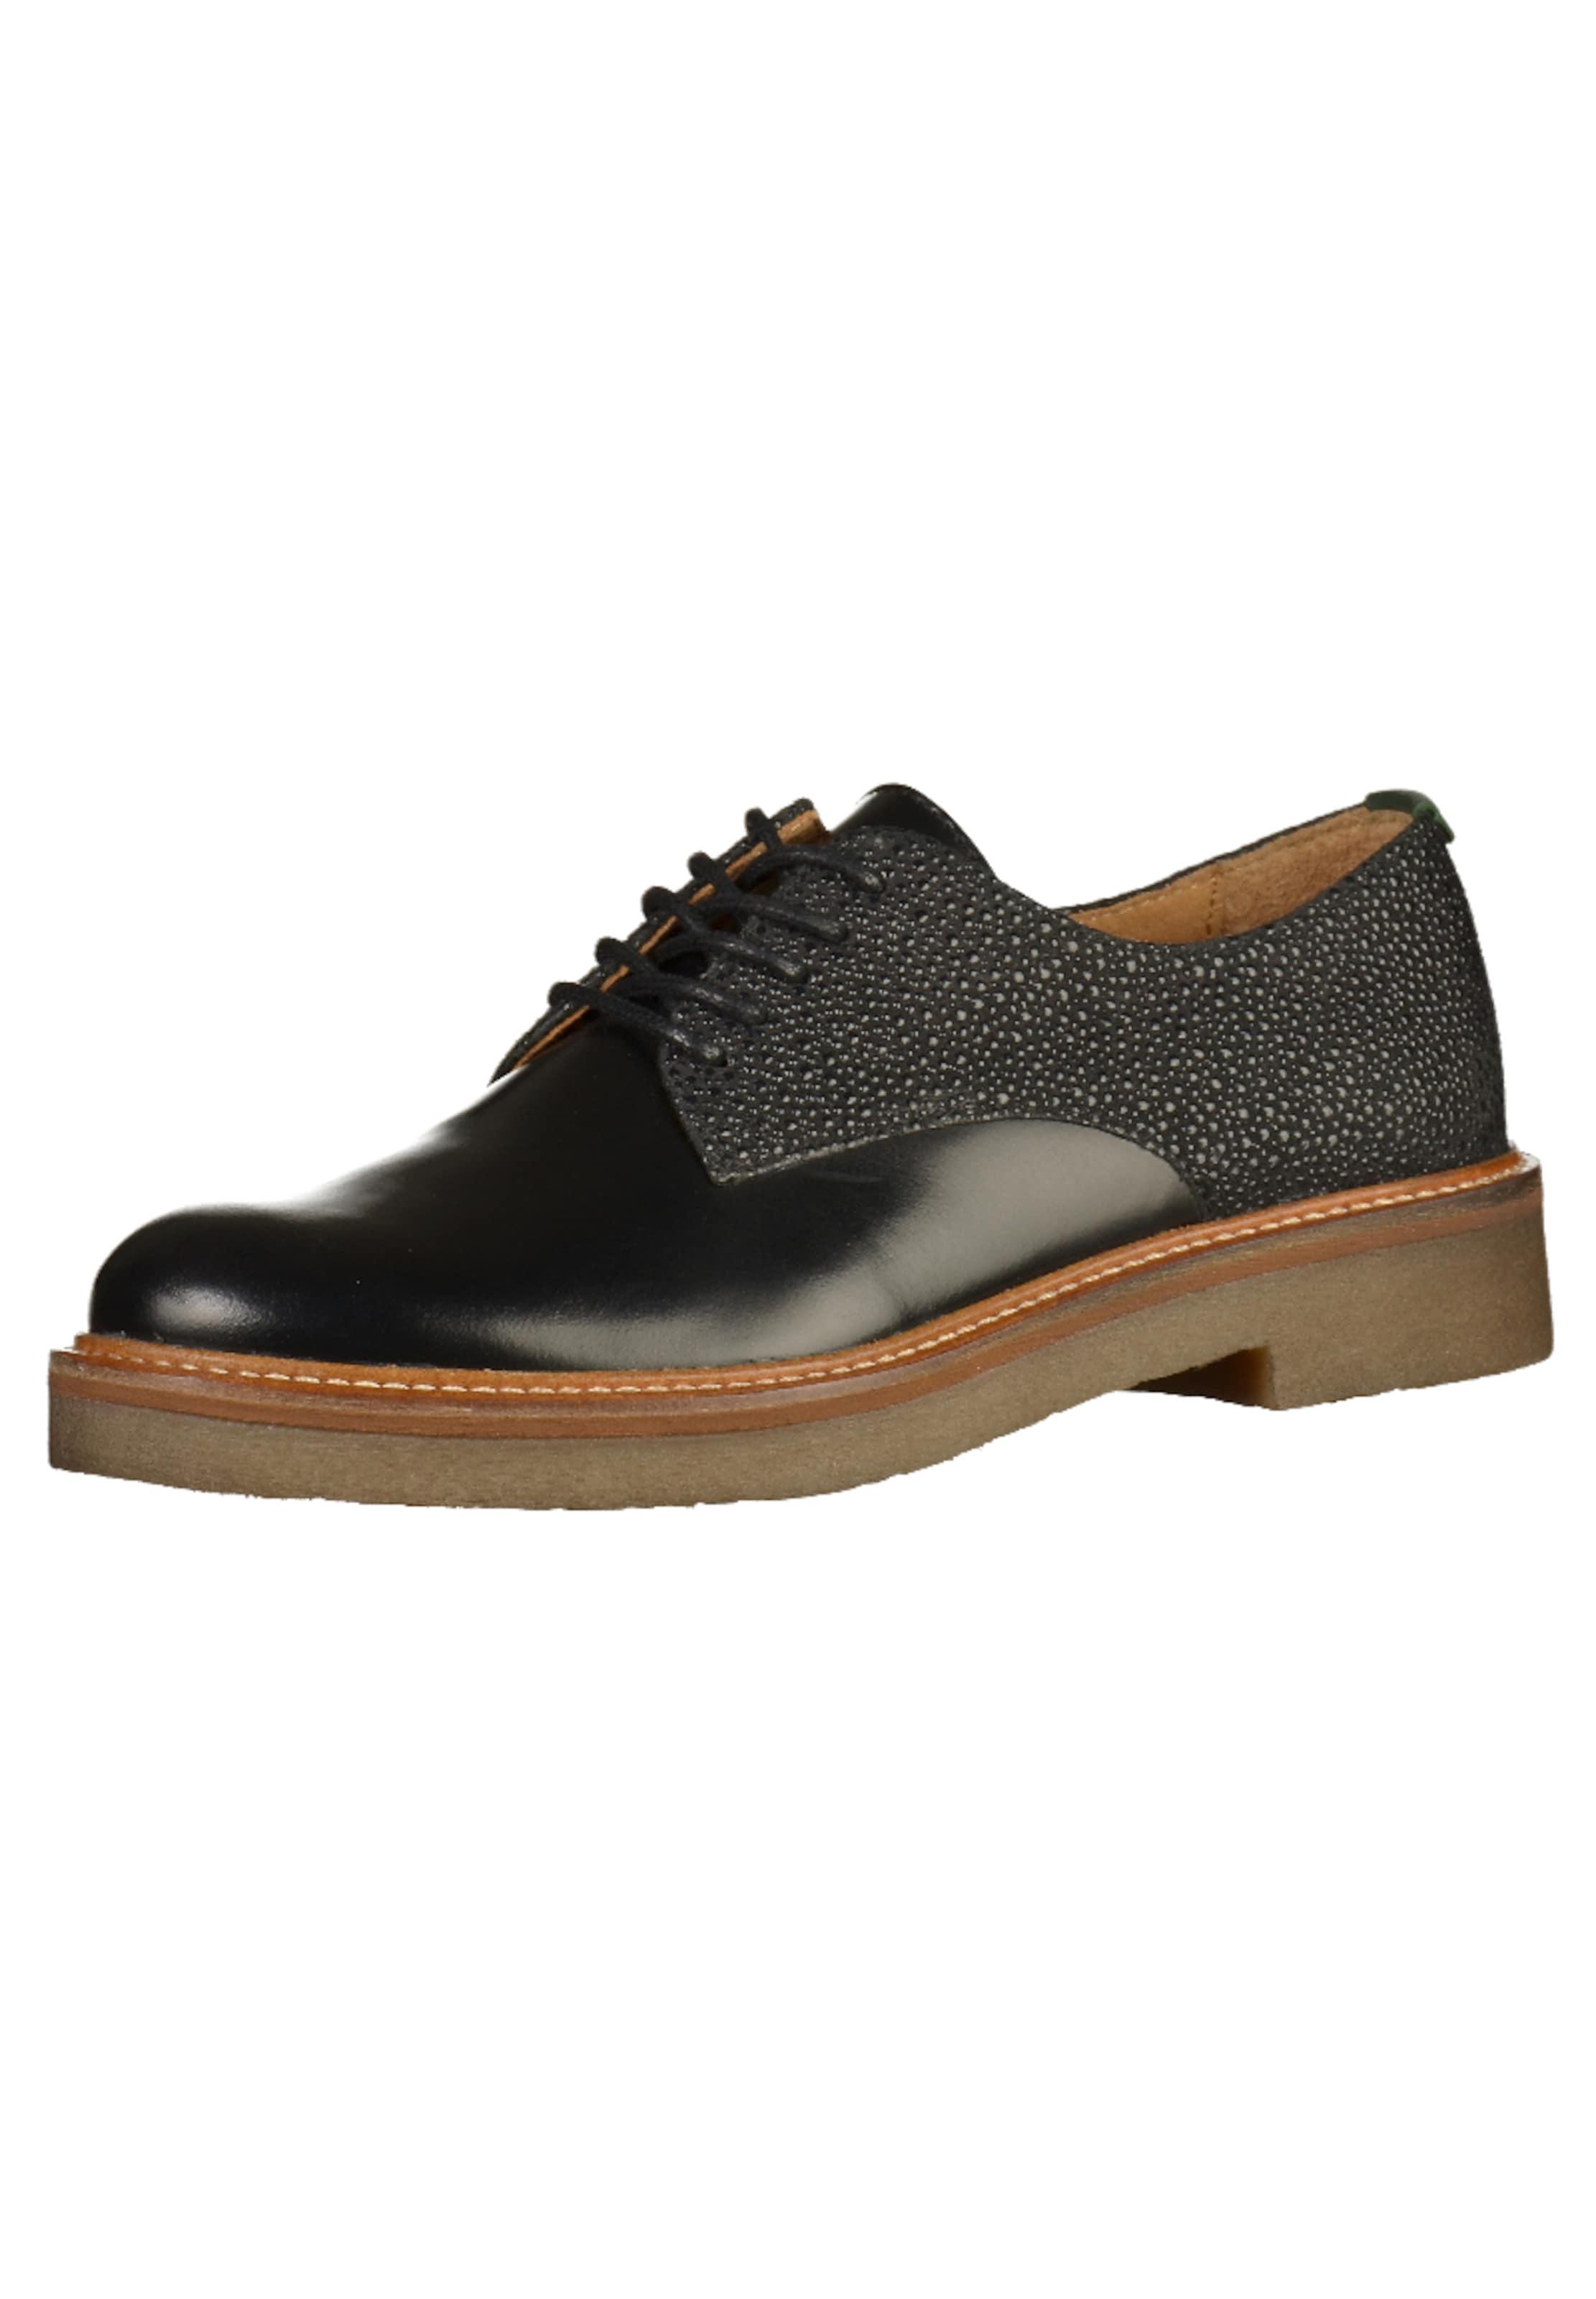 KICKERS Halbschuhe Verschleißfeste billige Schuhe Hohe Qualität